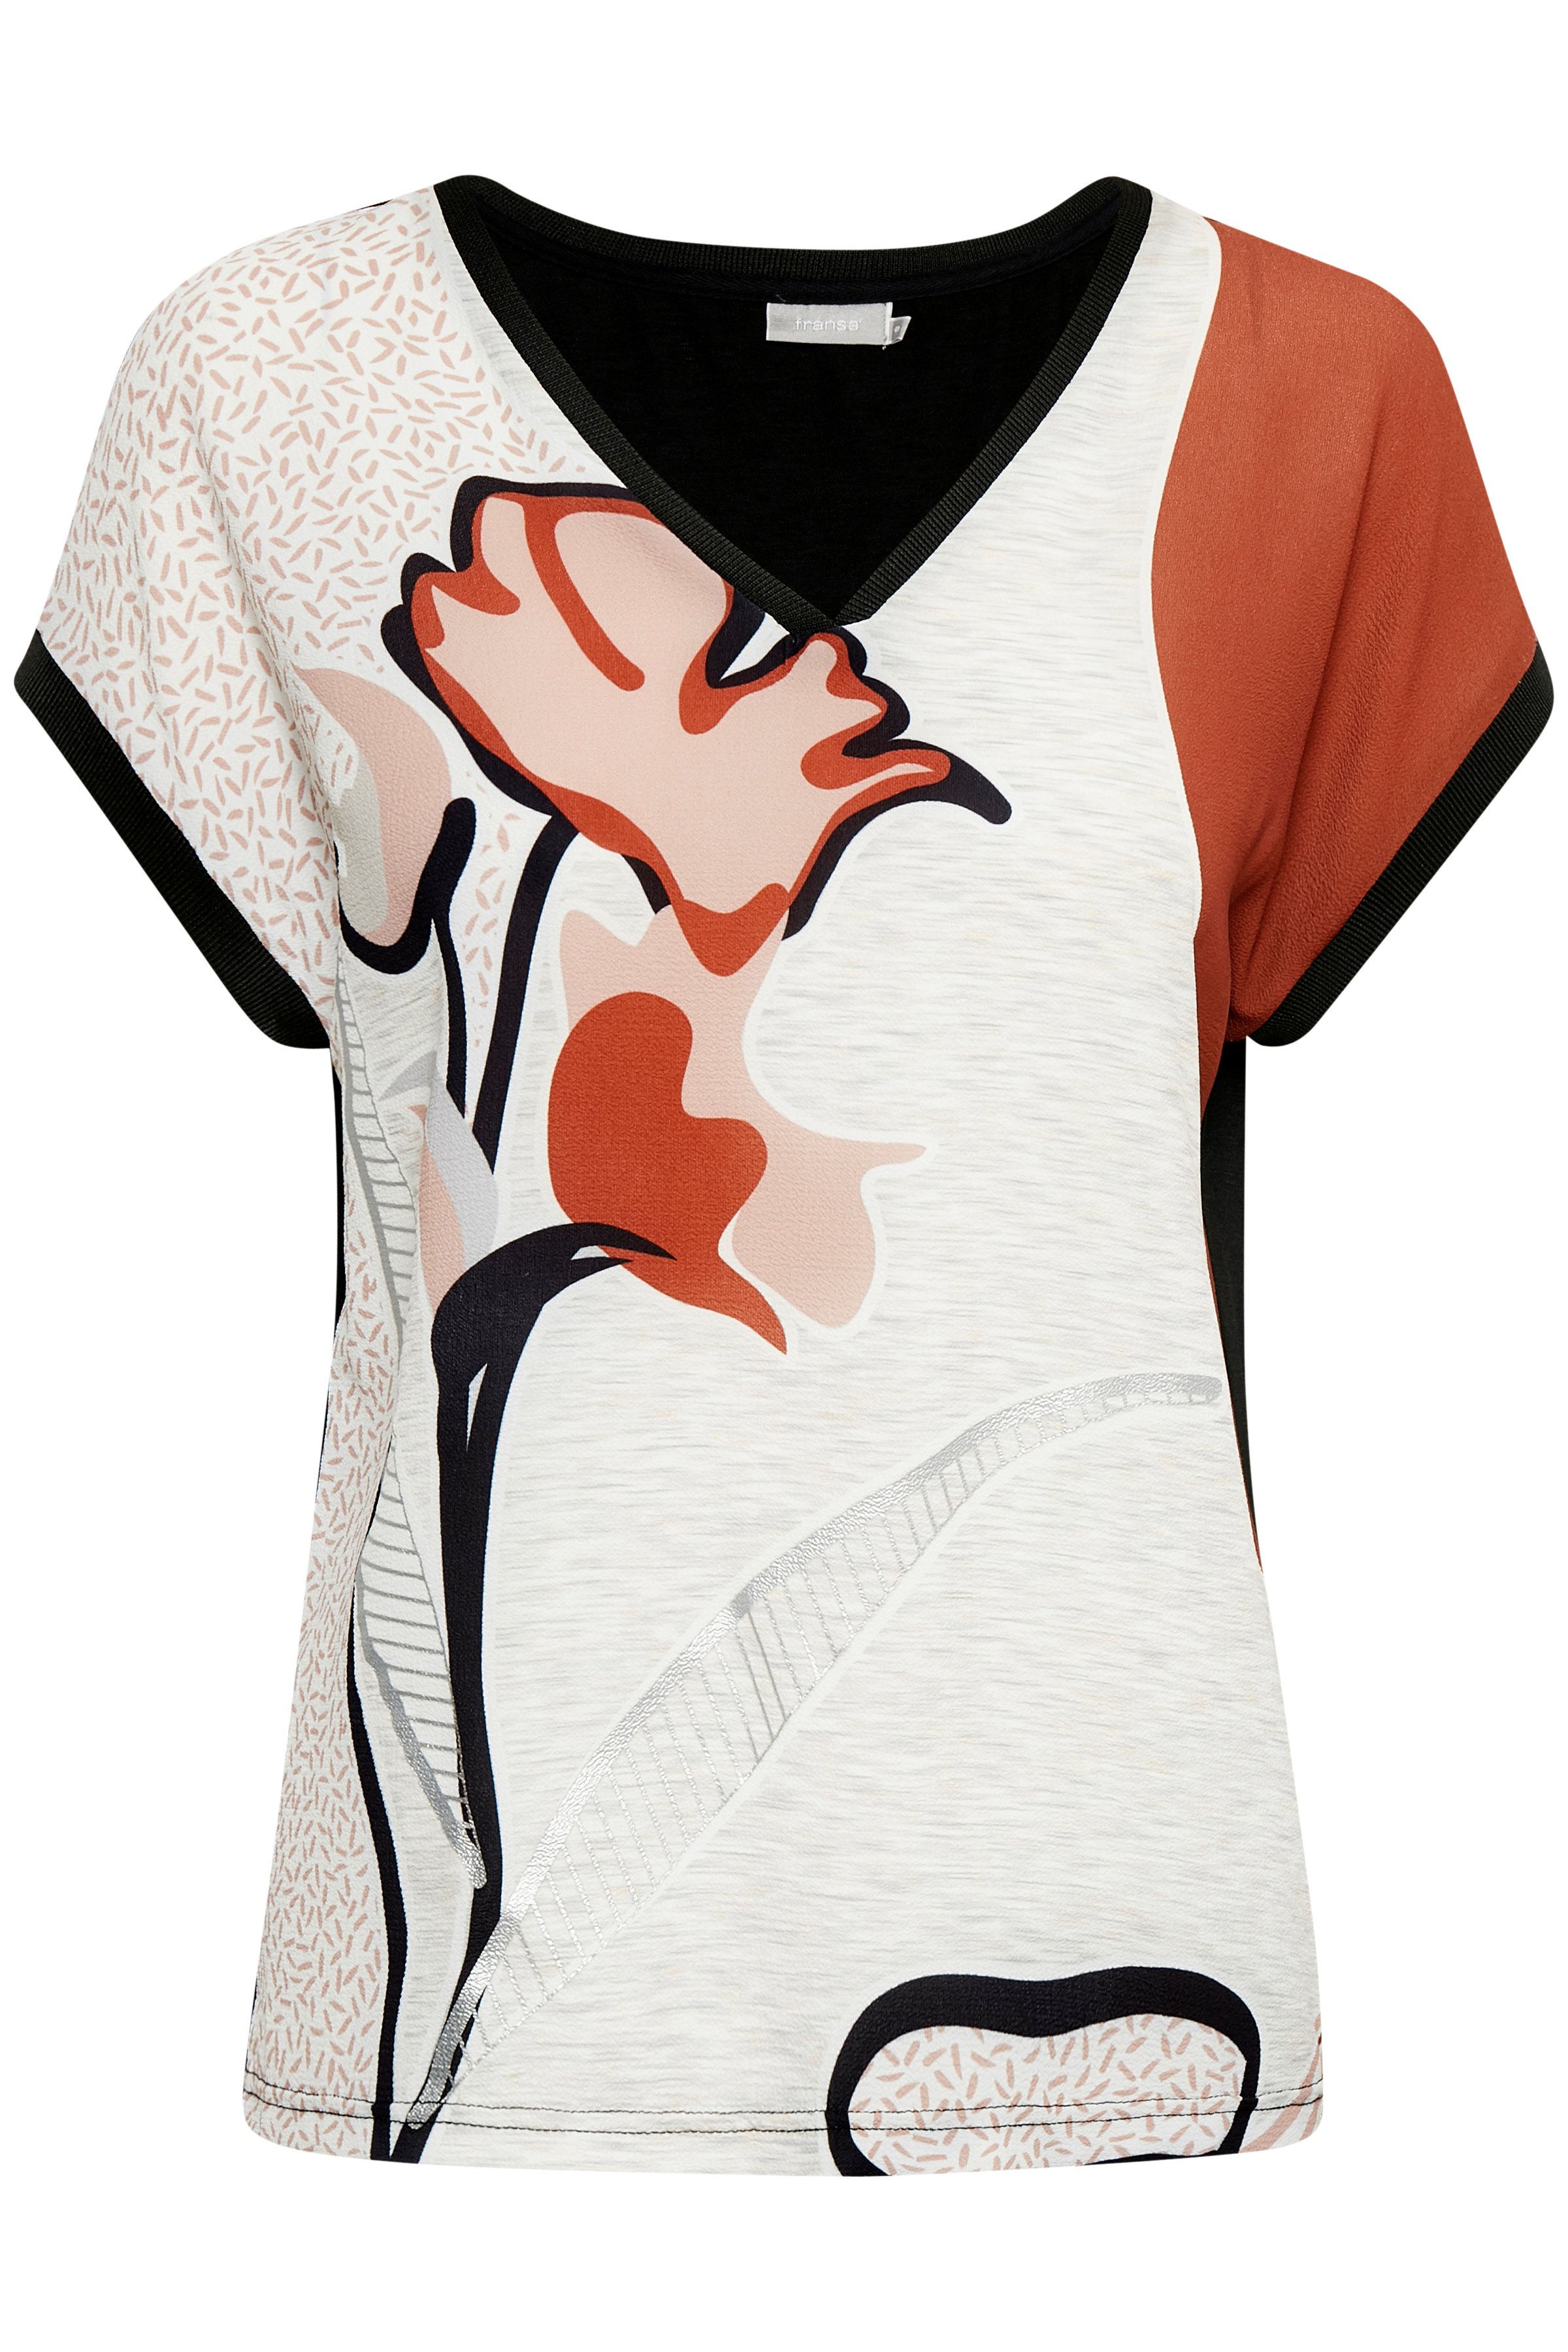 Billede af Fransa Dame Kortærmet T-shirt  - Grå/brændt rød